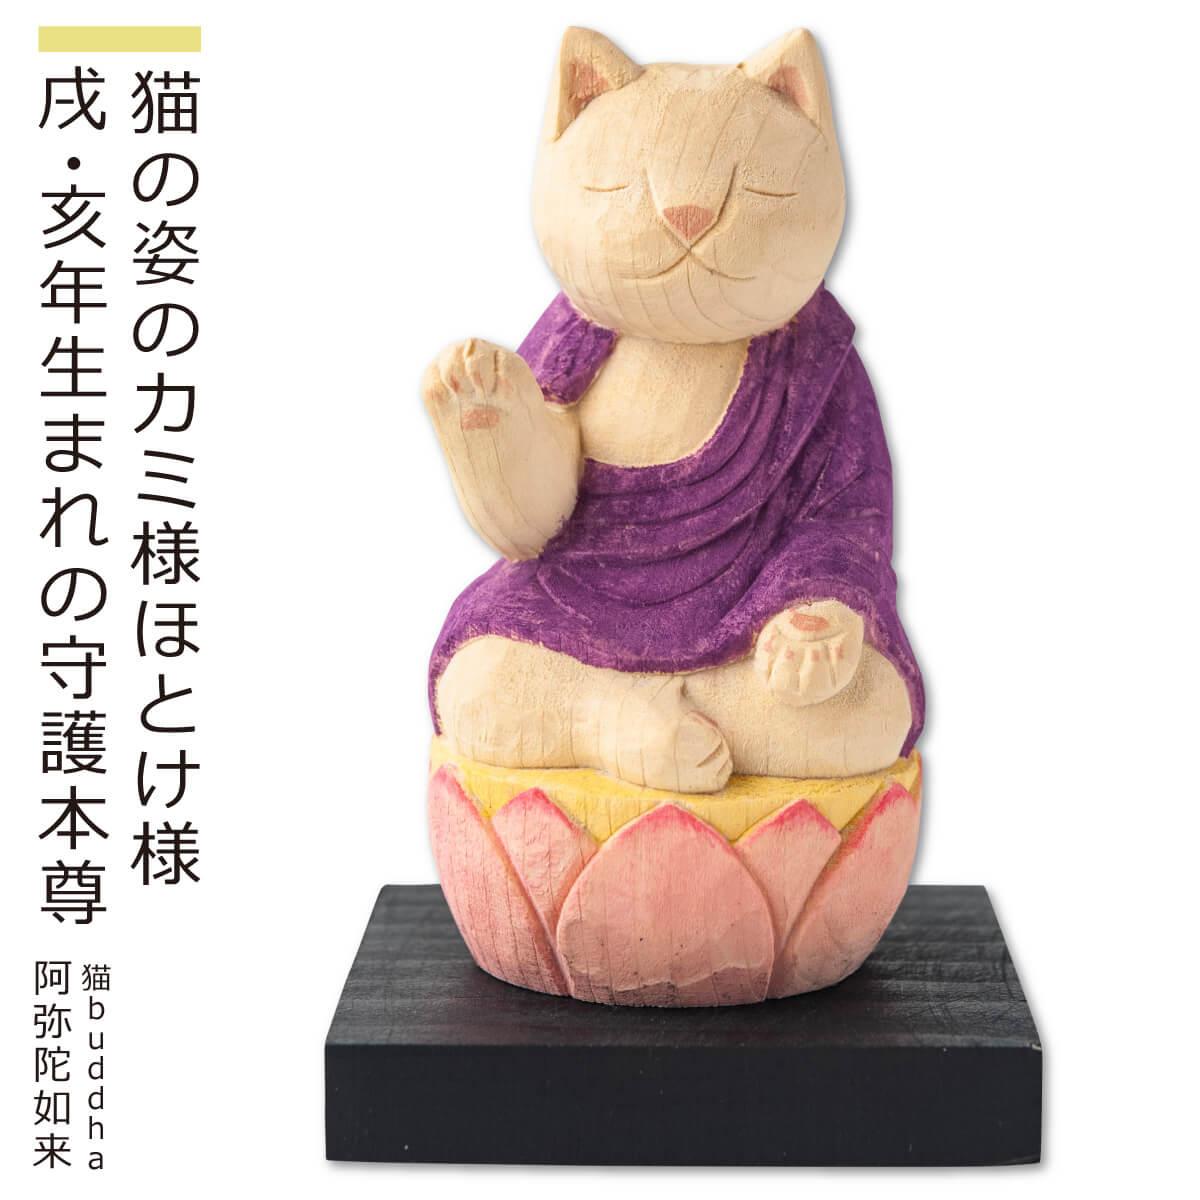 待望 猫buddha 阿弥陀如来 戌 亥年生まれの守護本尊にゃ ≫ にゃんブッダ 癒される猫姿の神さま仏さま 仏屋さかい原型 監修 仏像 すべて木彫りで作っちゃいました 猫 ねこ 木彫り 置物 プレゼント 毎週更新 ギフト